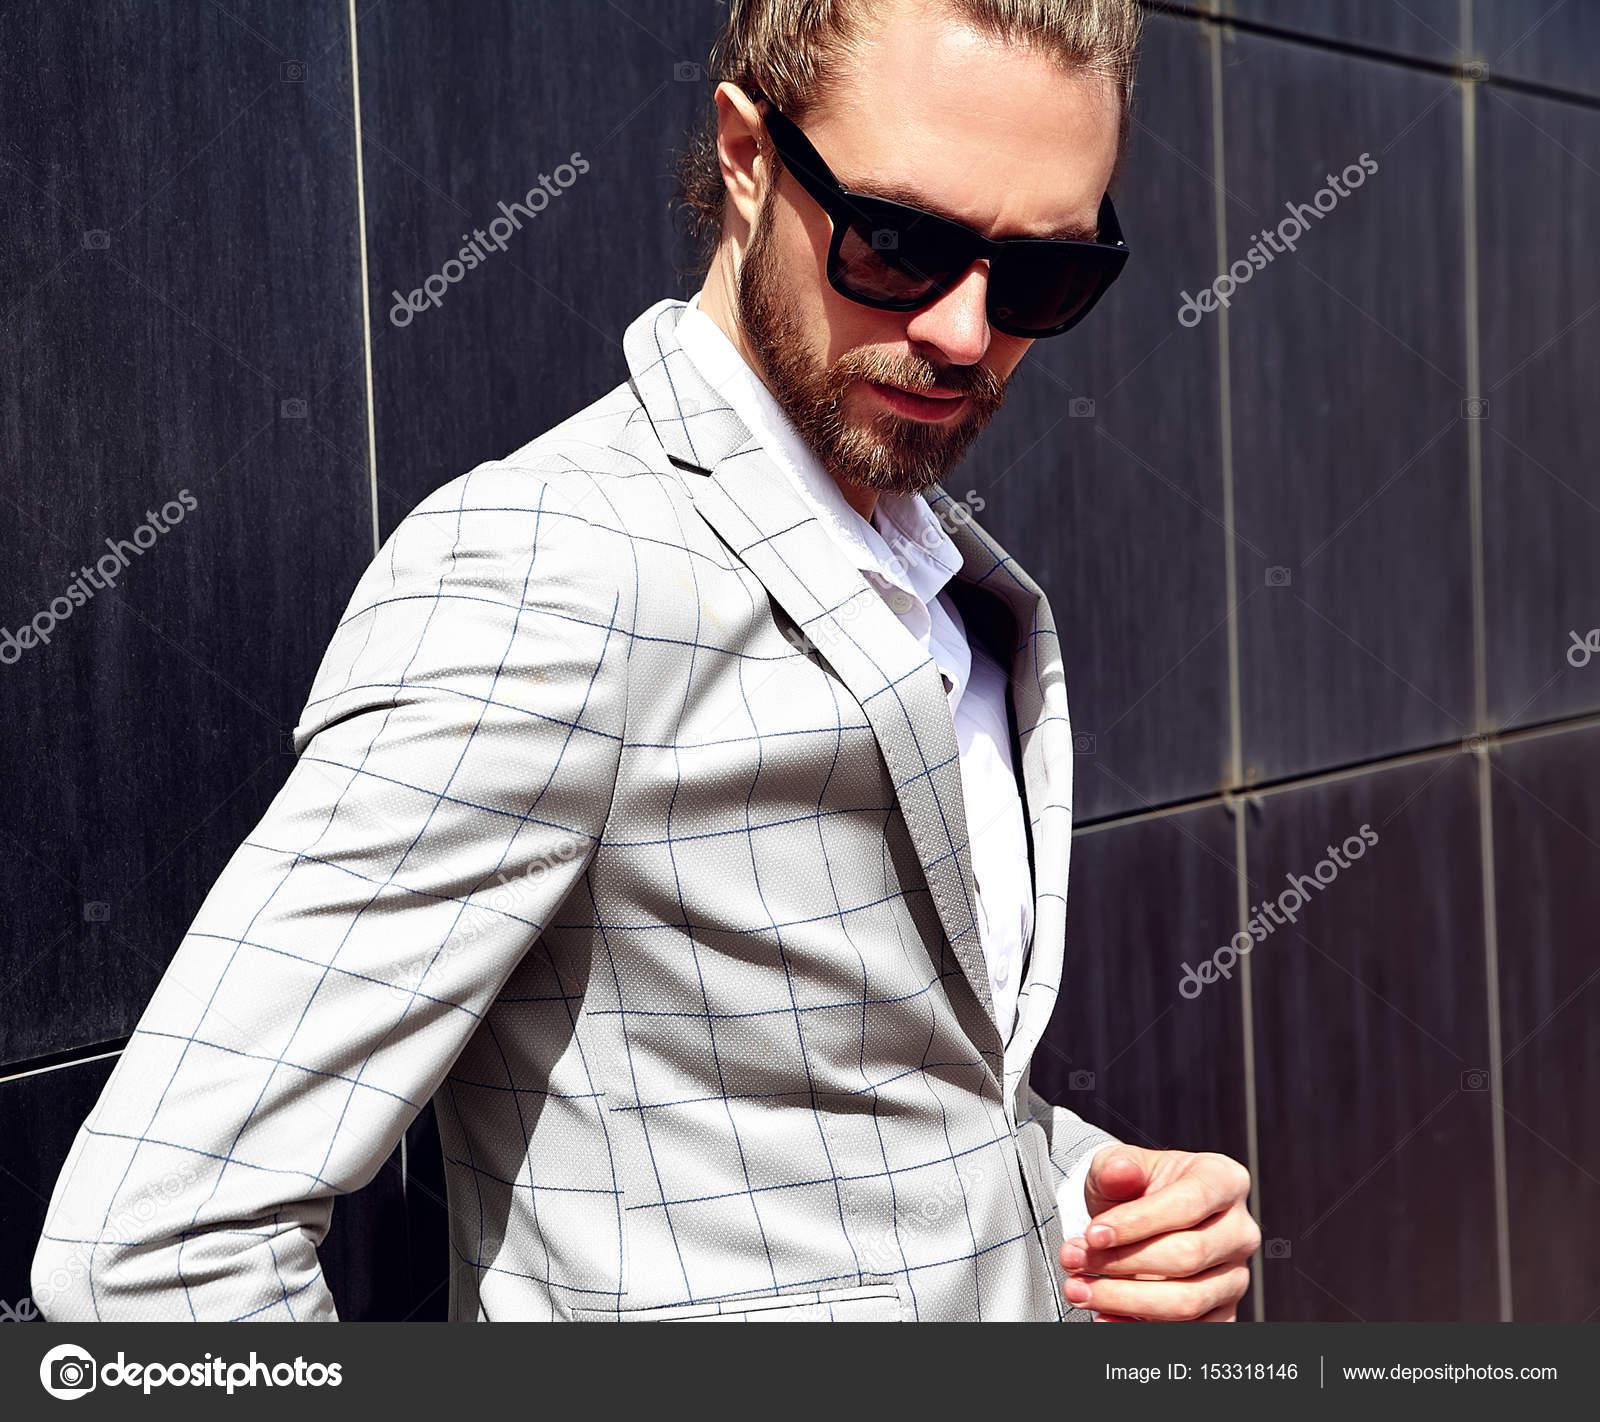 8d9f7db504e03 Zarif beyaz kareli takım elbise giymiş seksi yakışıklı moda erkek model  adam portresi — alexhalay - Fotoğraf